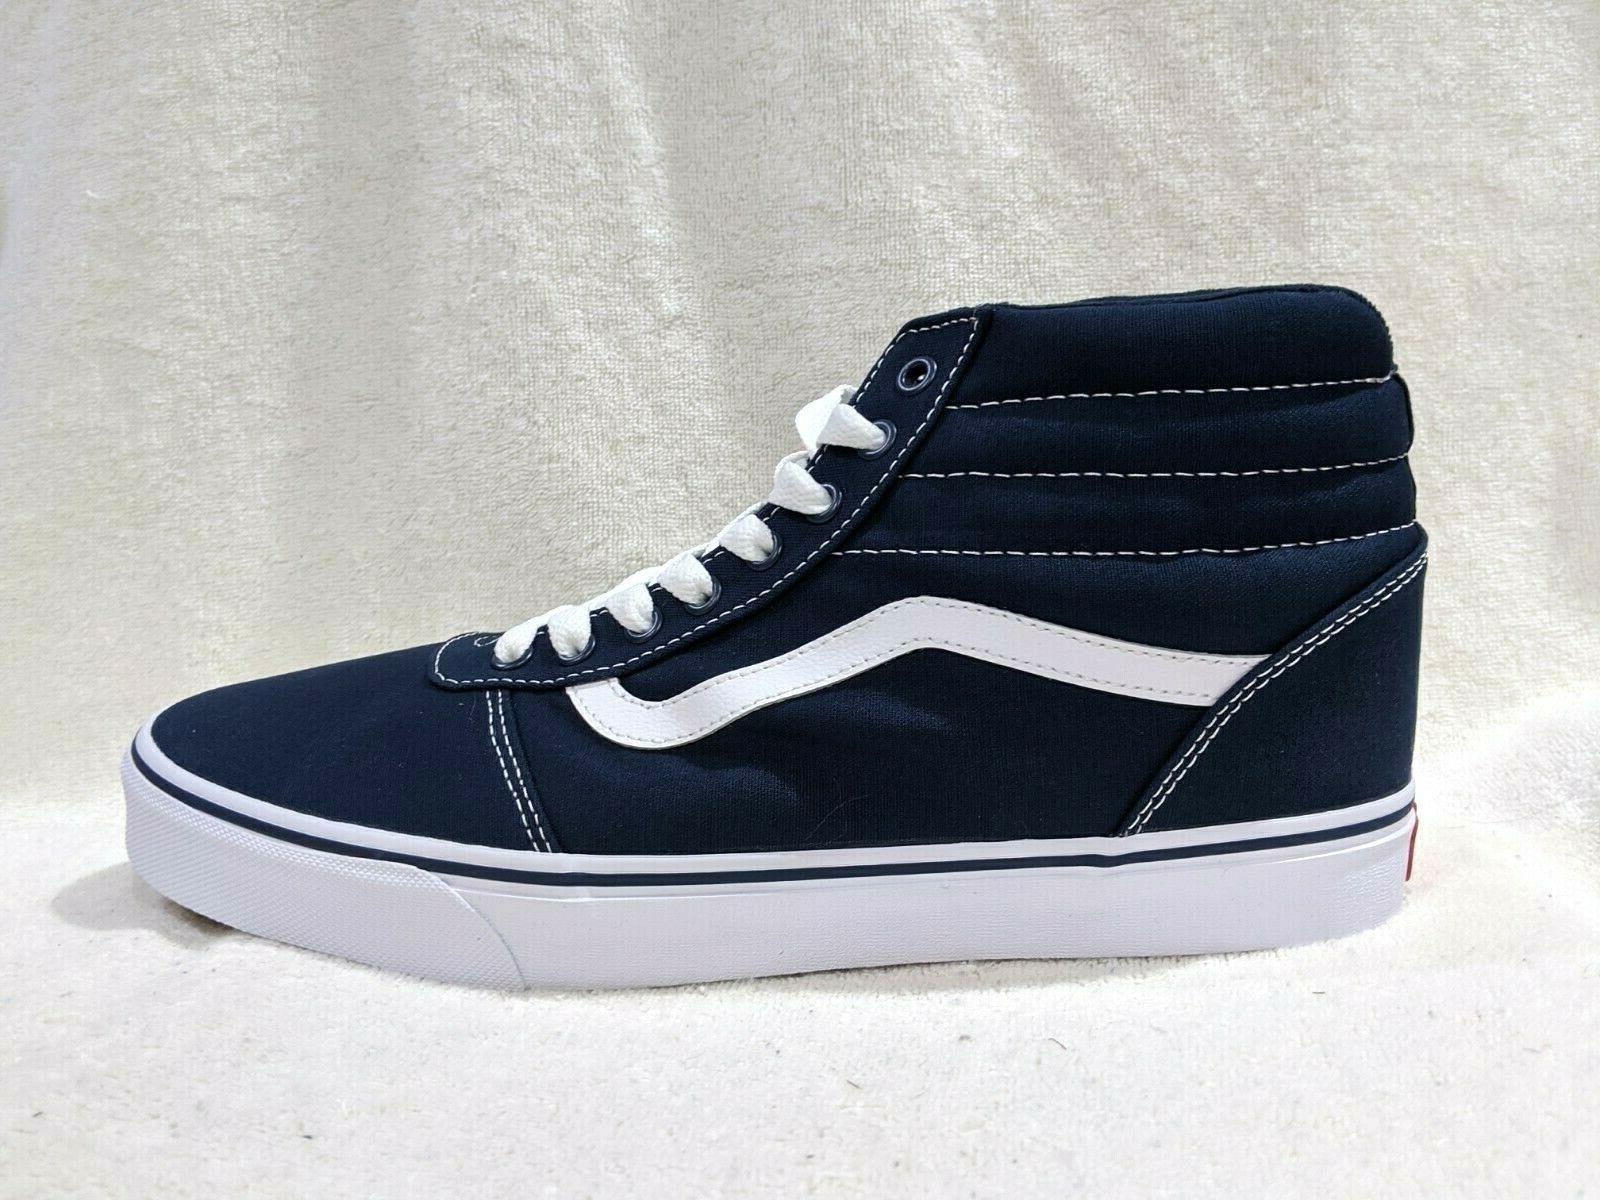 Vans Men's Blue/White Canvas Hi Top Skate Shoes - Size 9.5/12/13 NWB